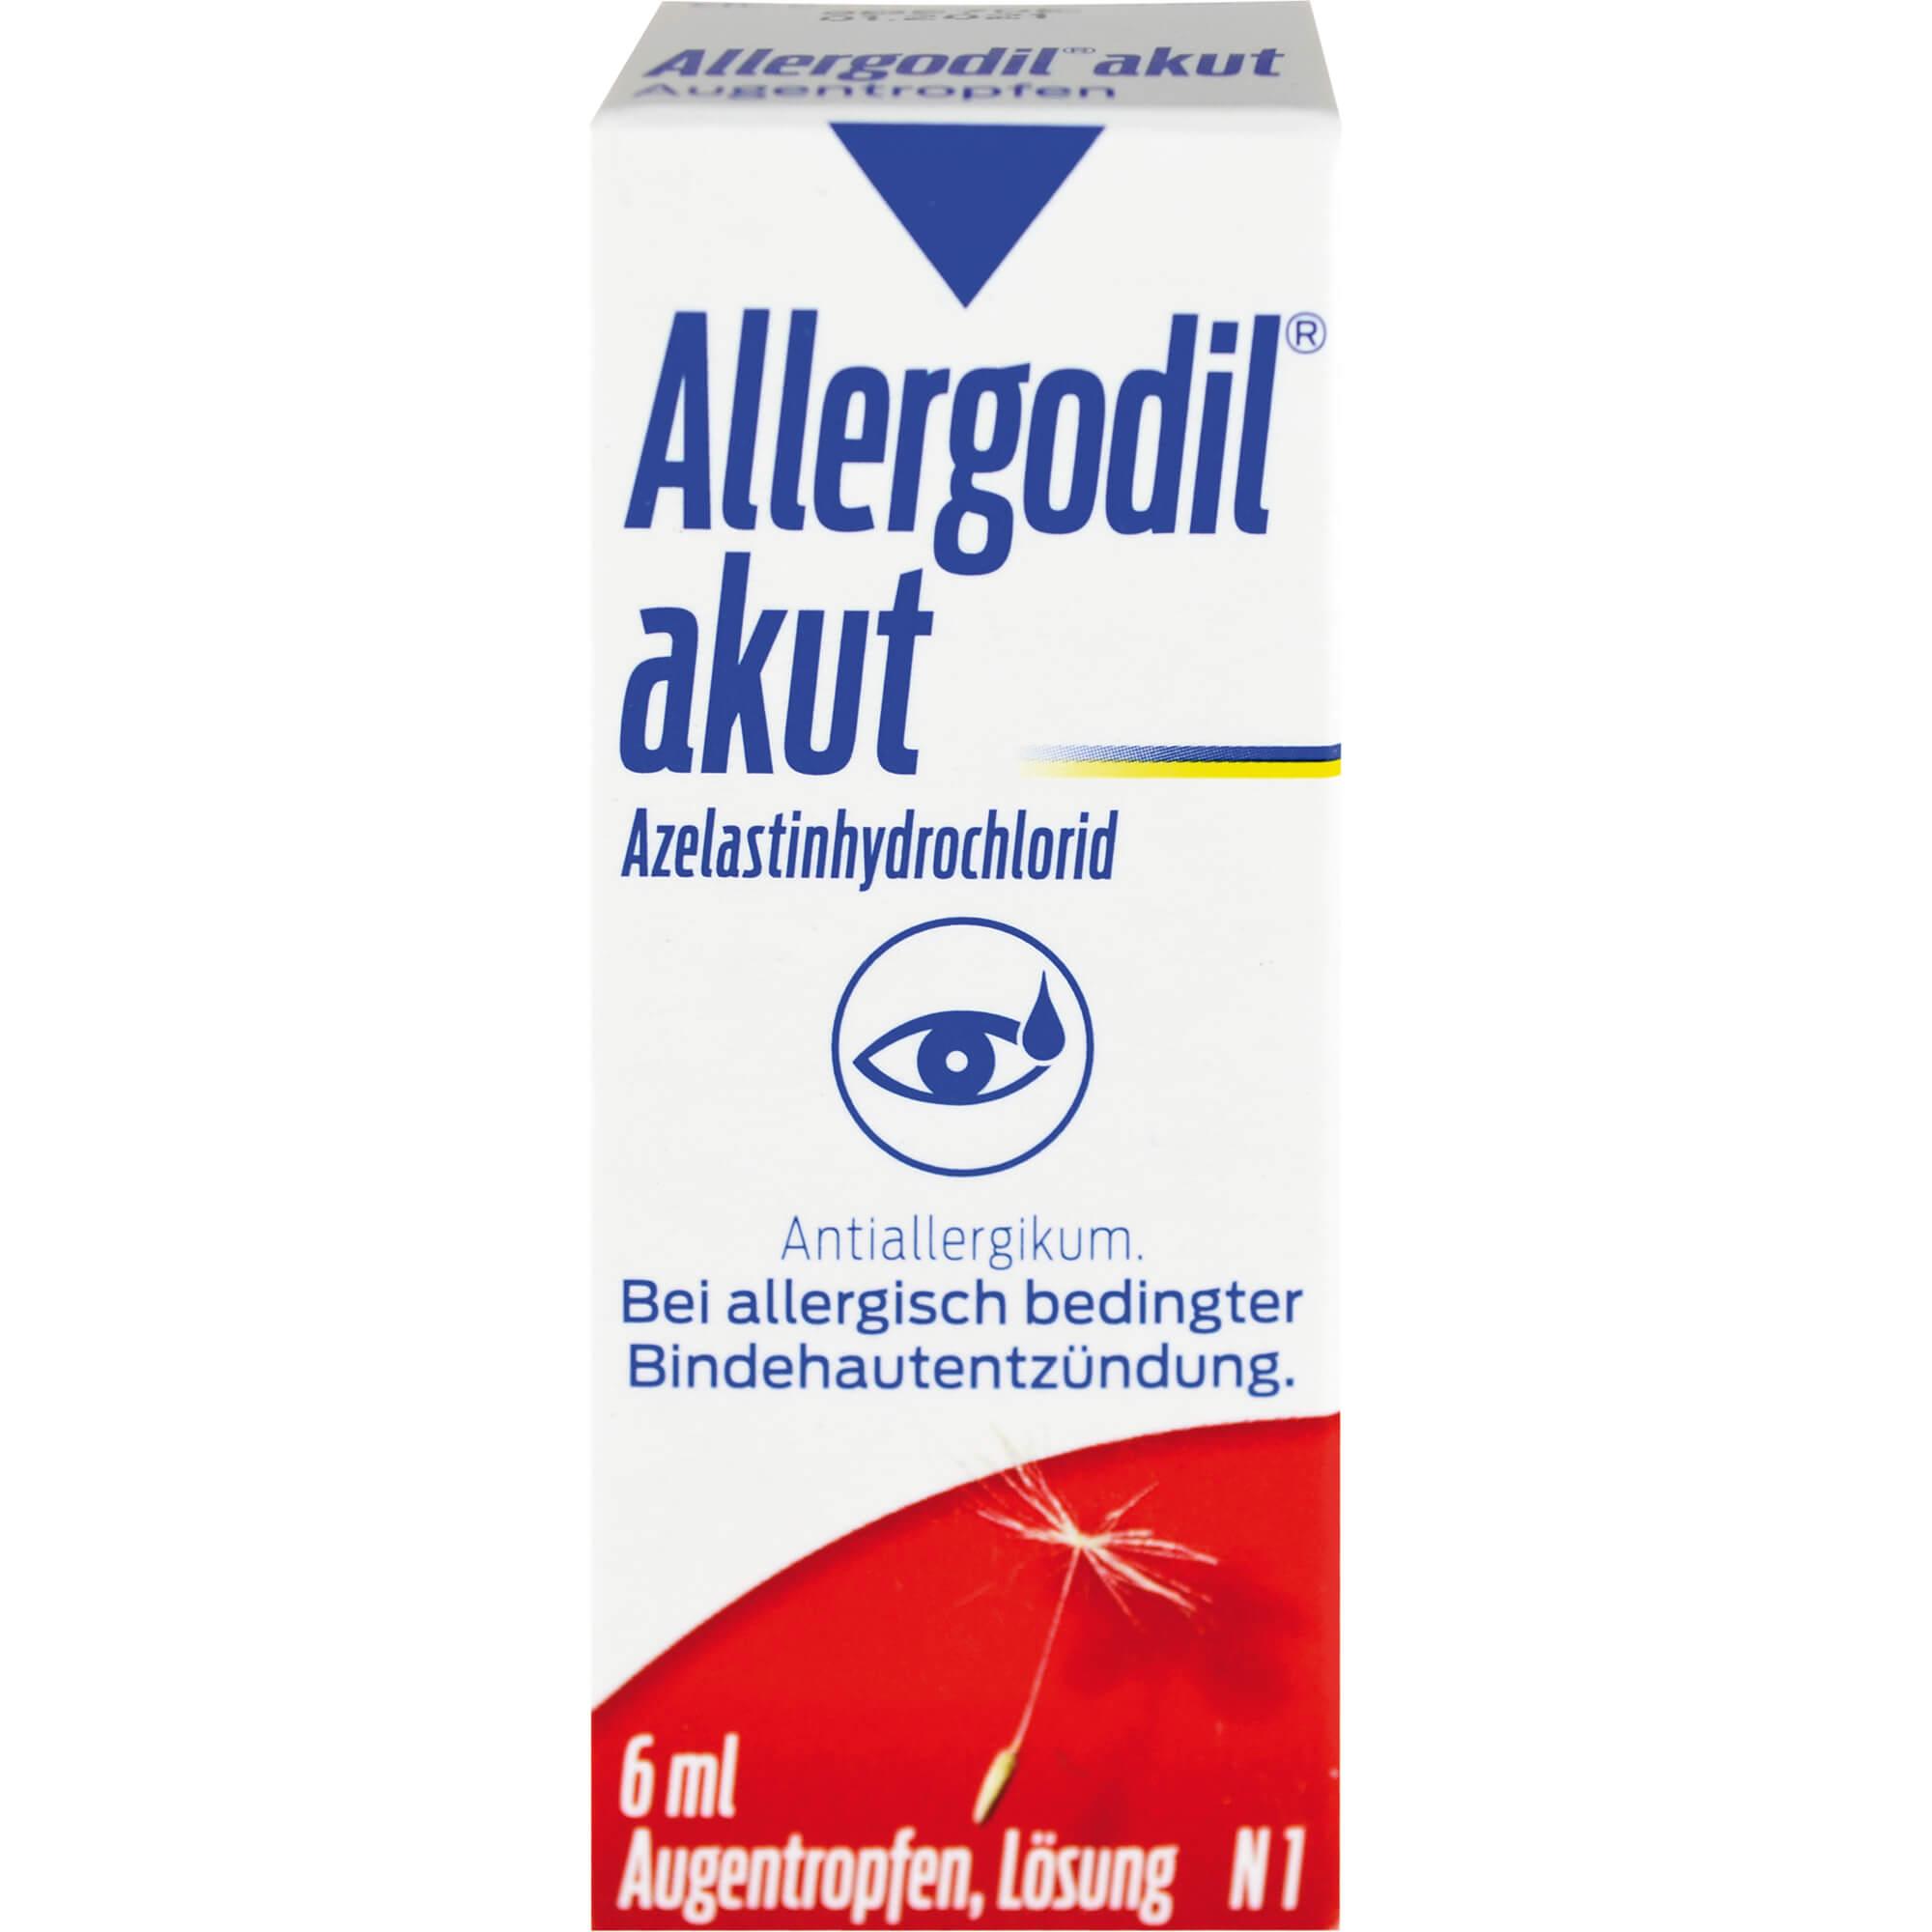 ALLERGODIL-akut-Augentropfen